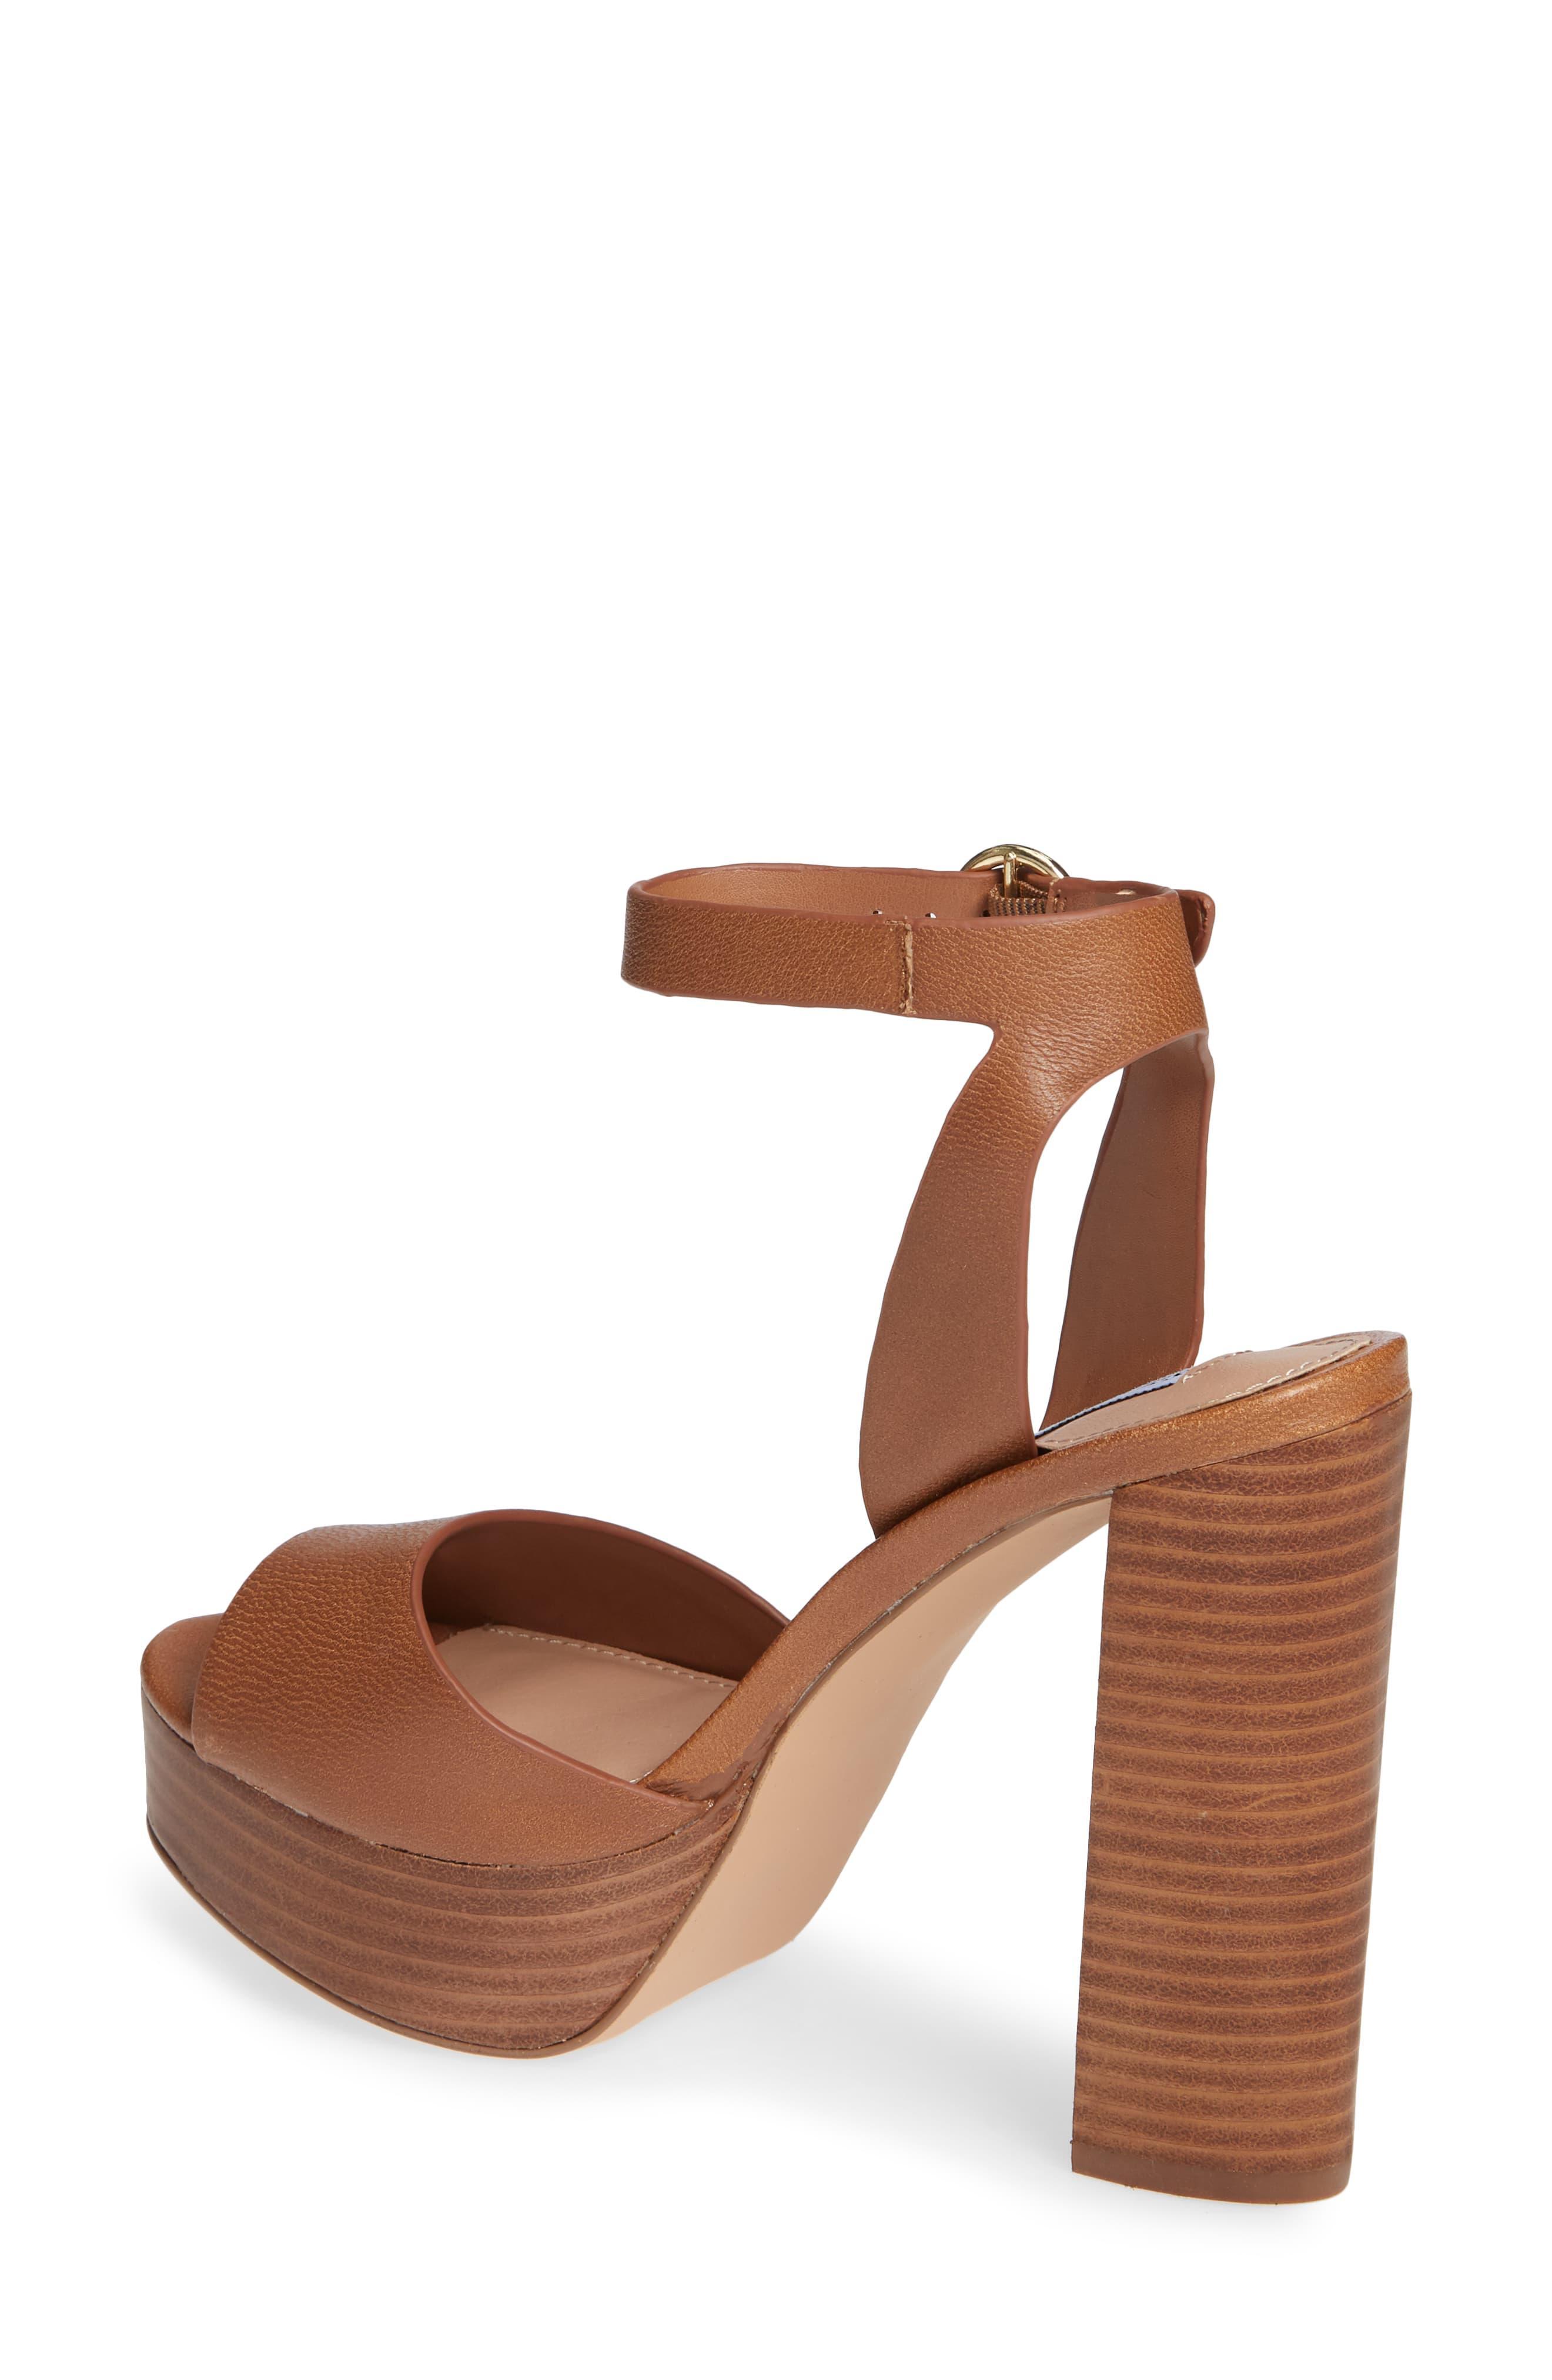 10364f8abb5 Women's Brown Madeline Platform Sandal